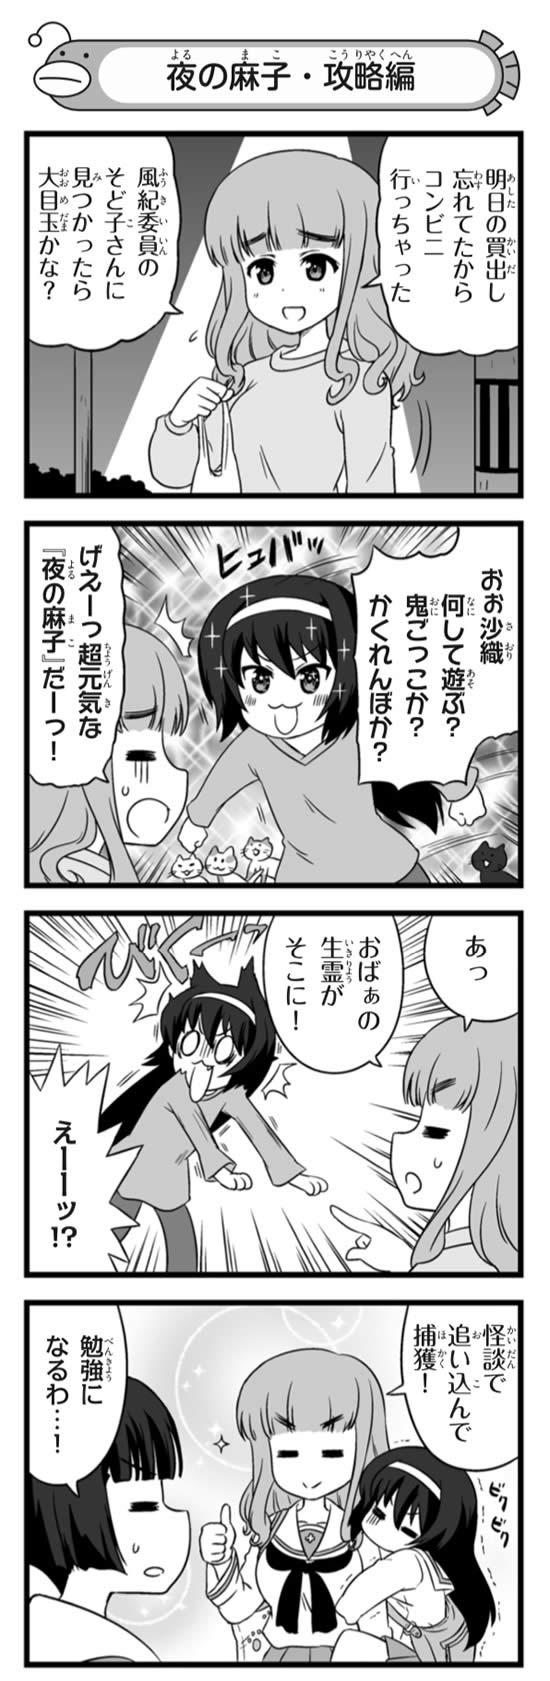 ガールズ&パンツァー 夜の冷泉麻子 武部沙織 漫画